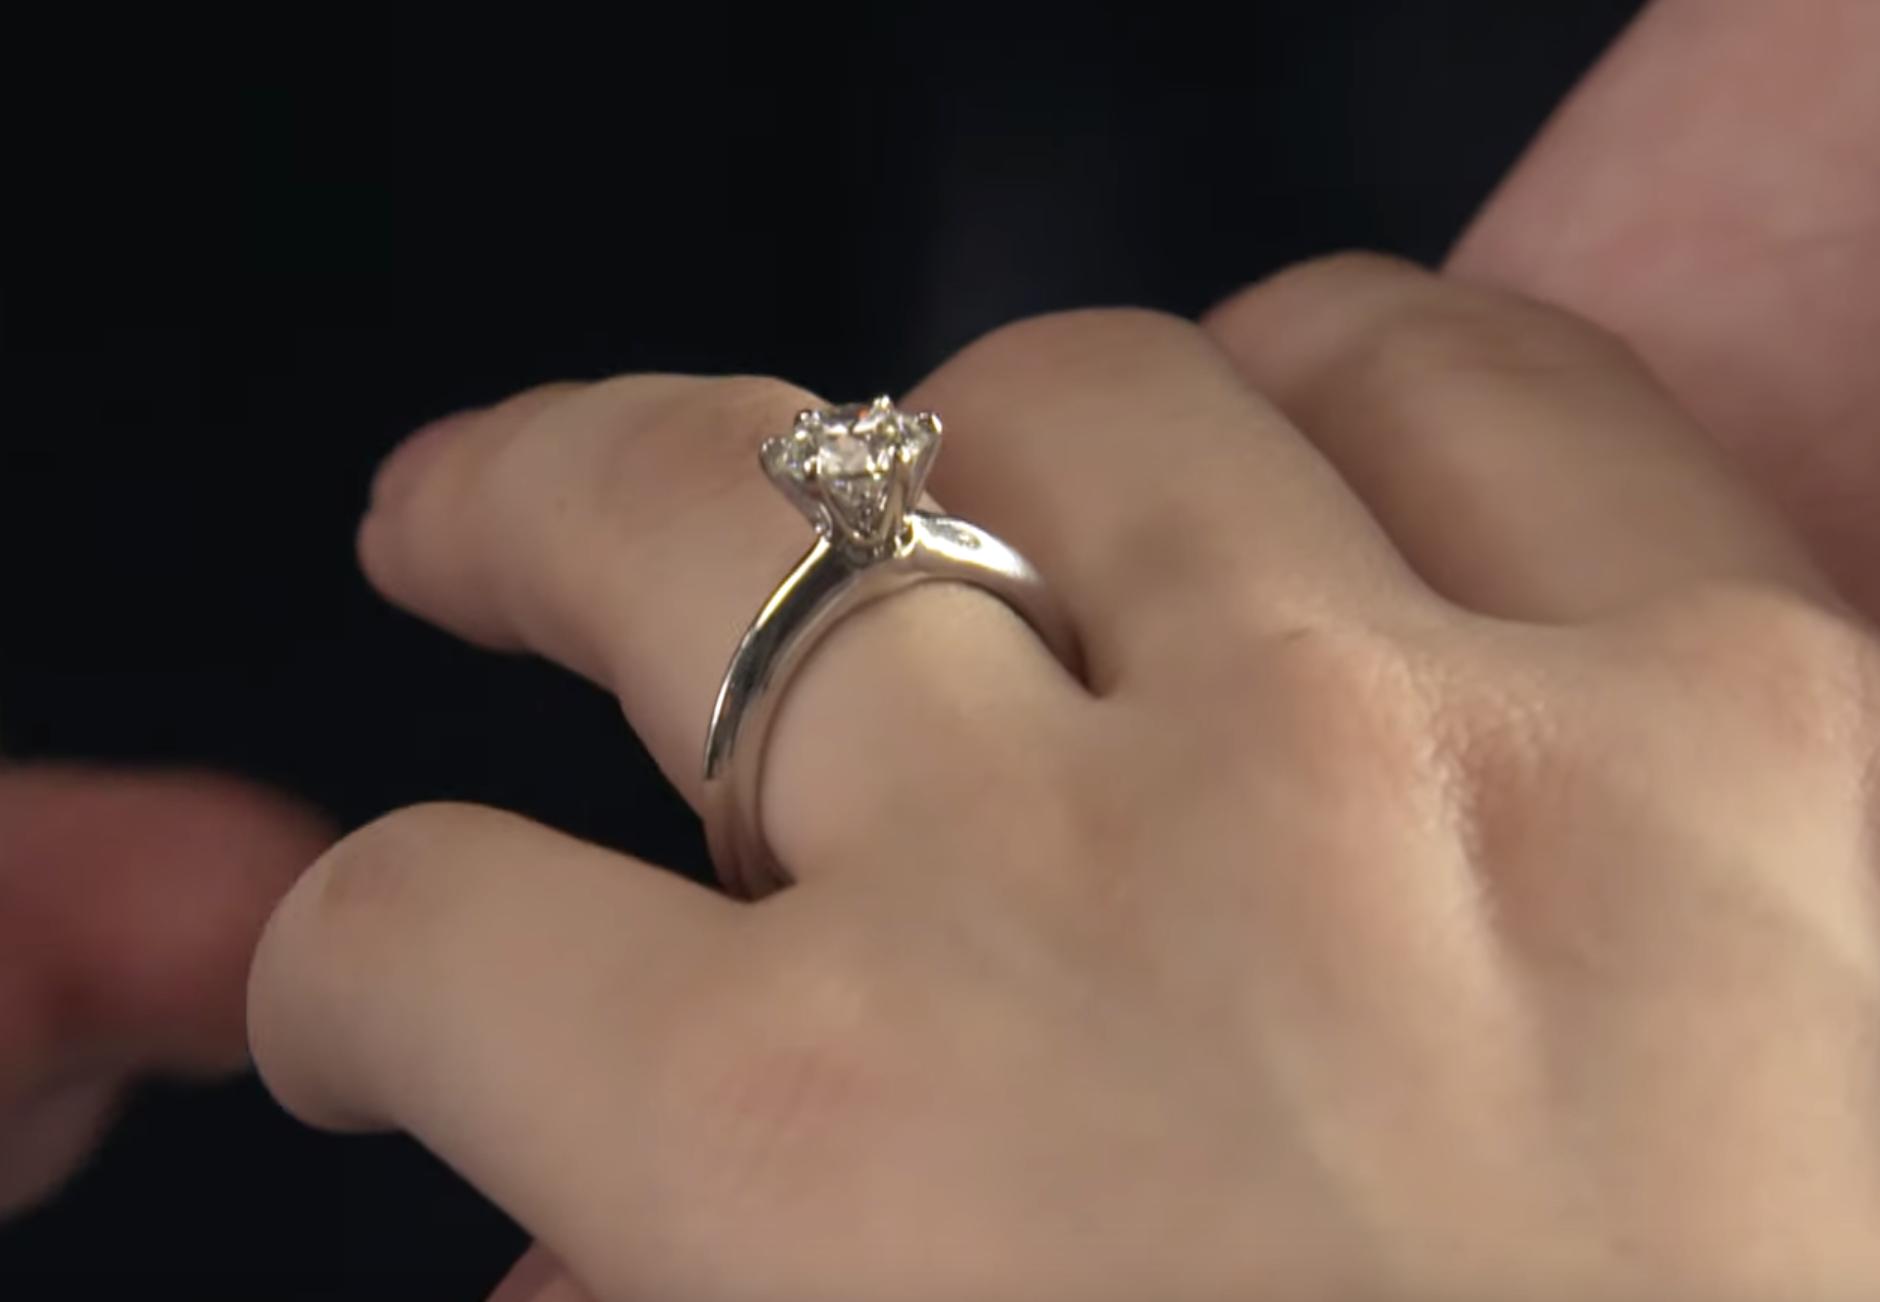 《戀愛可以持續到天長地久》佐藤健求婚婚戒Tiffany